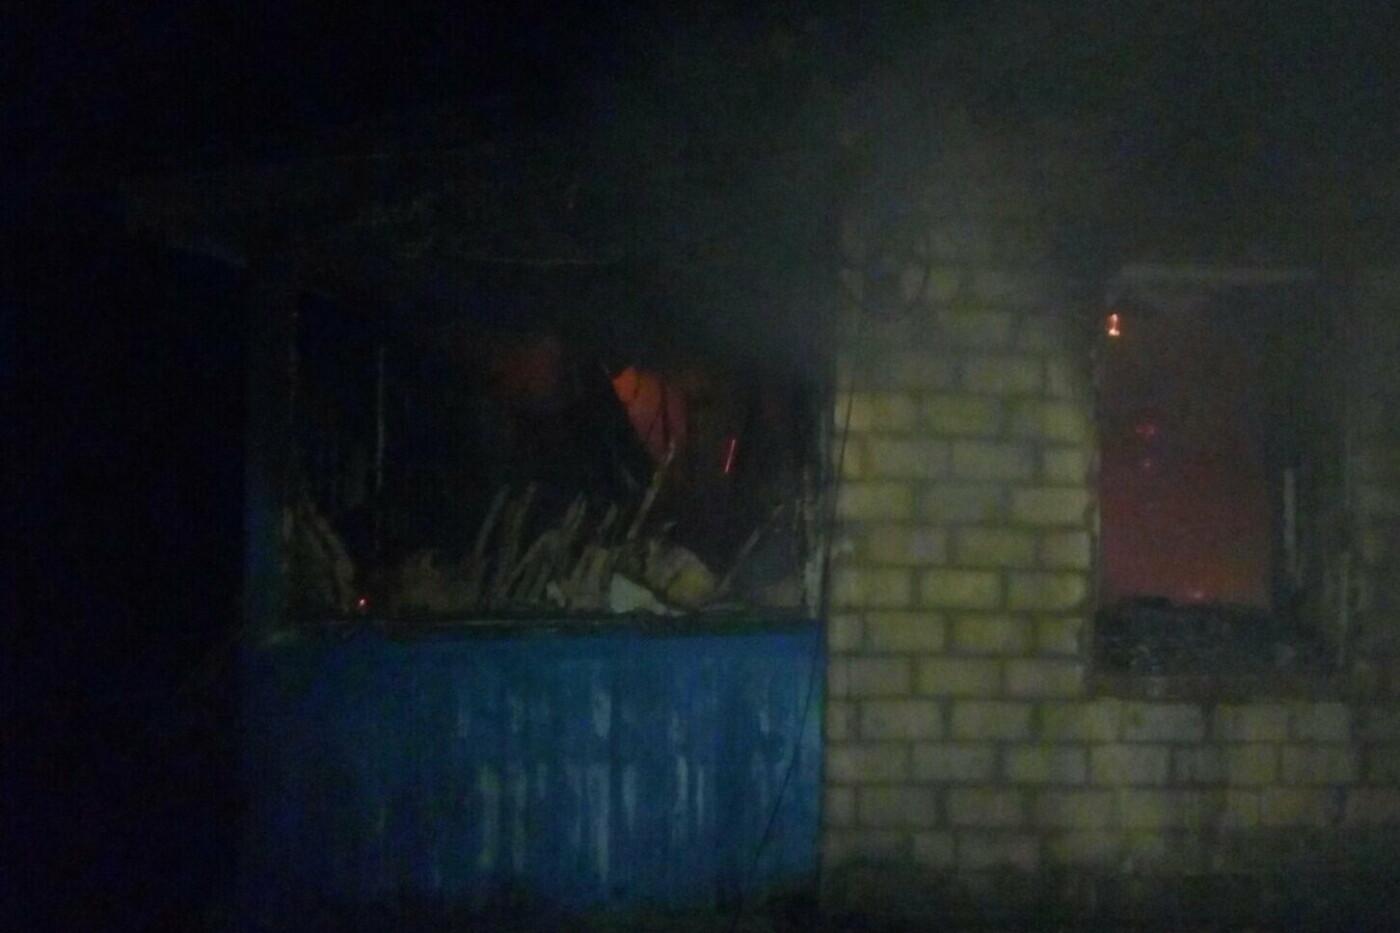 В Харьковской области спасатели восемь часов тушили пожар в жилом доме, - ФОТО, фото-2